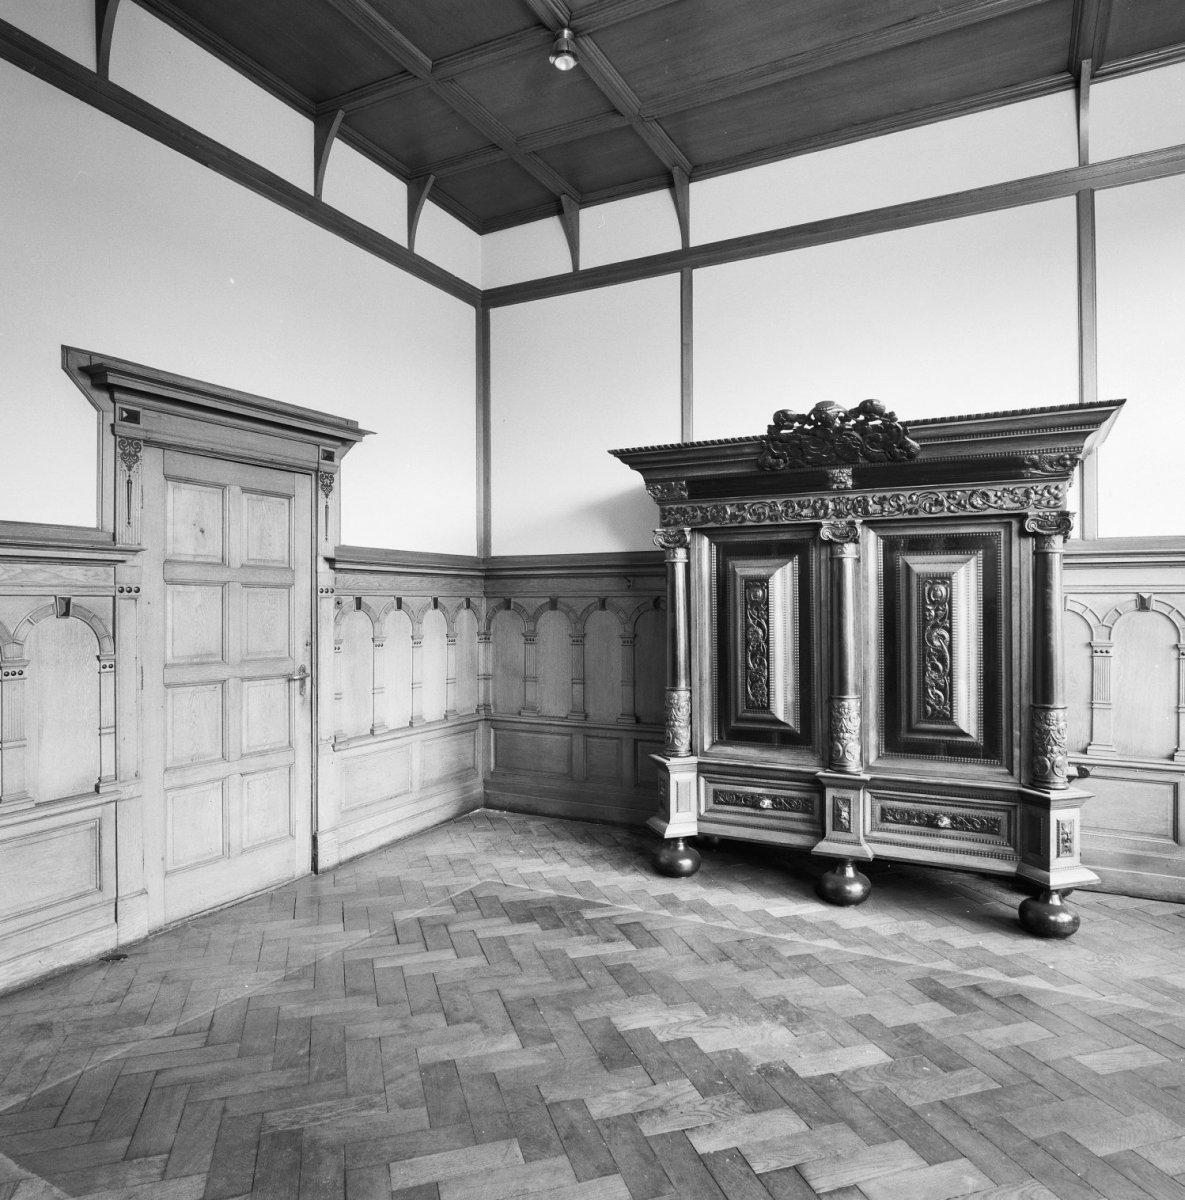 File:Interieur directiekamer- hoek met hout lambrisering, deur met ...